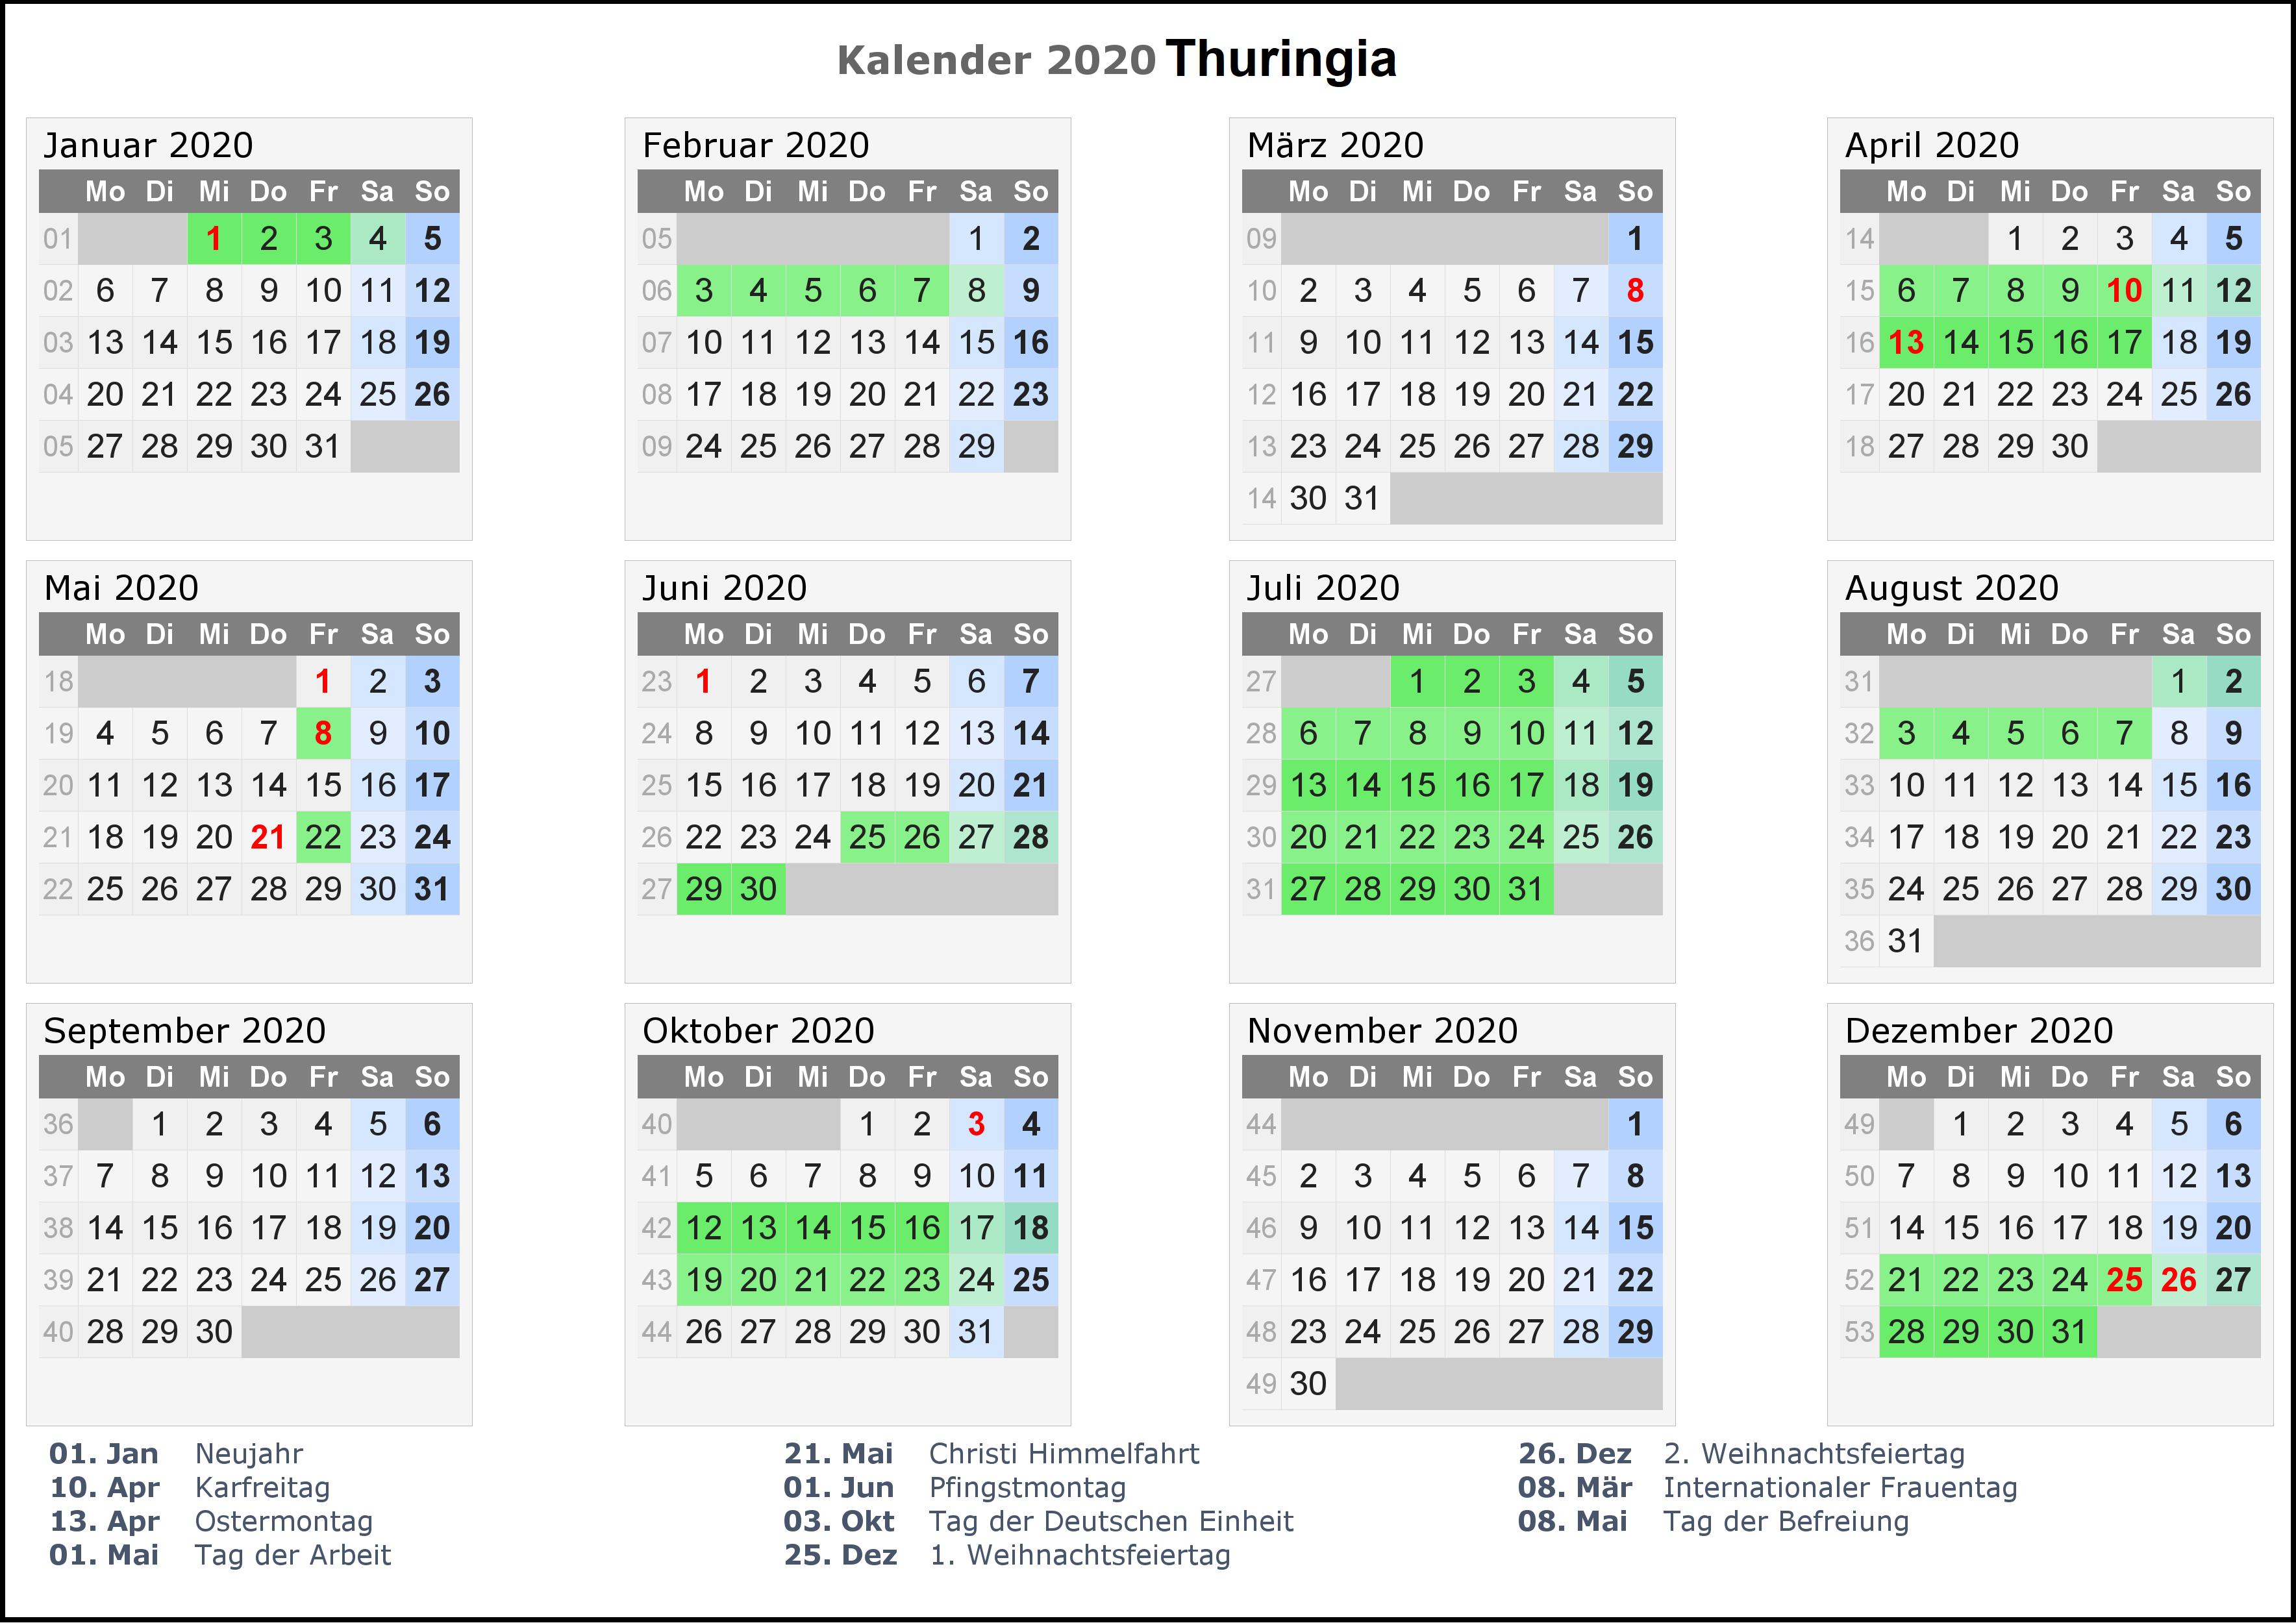 Feiertagen 2020 Thuringia Kalender